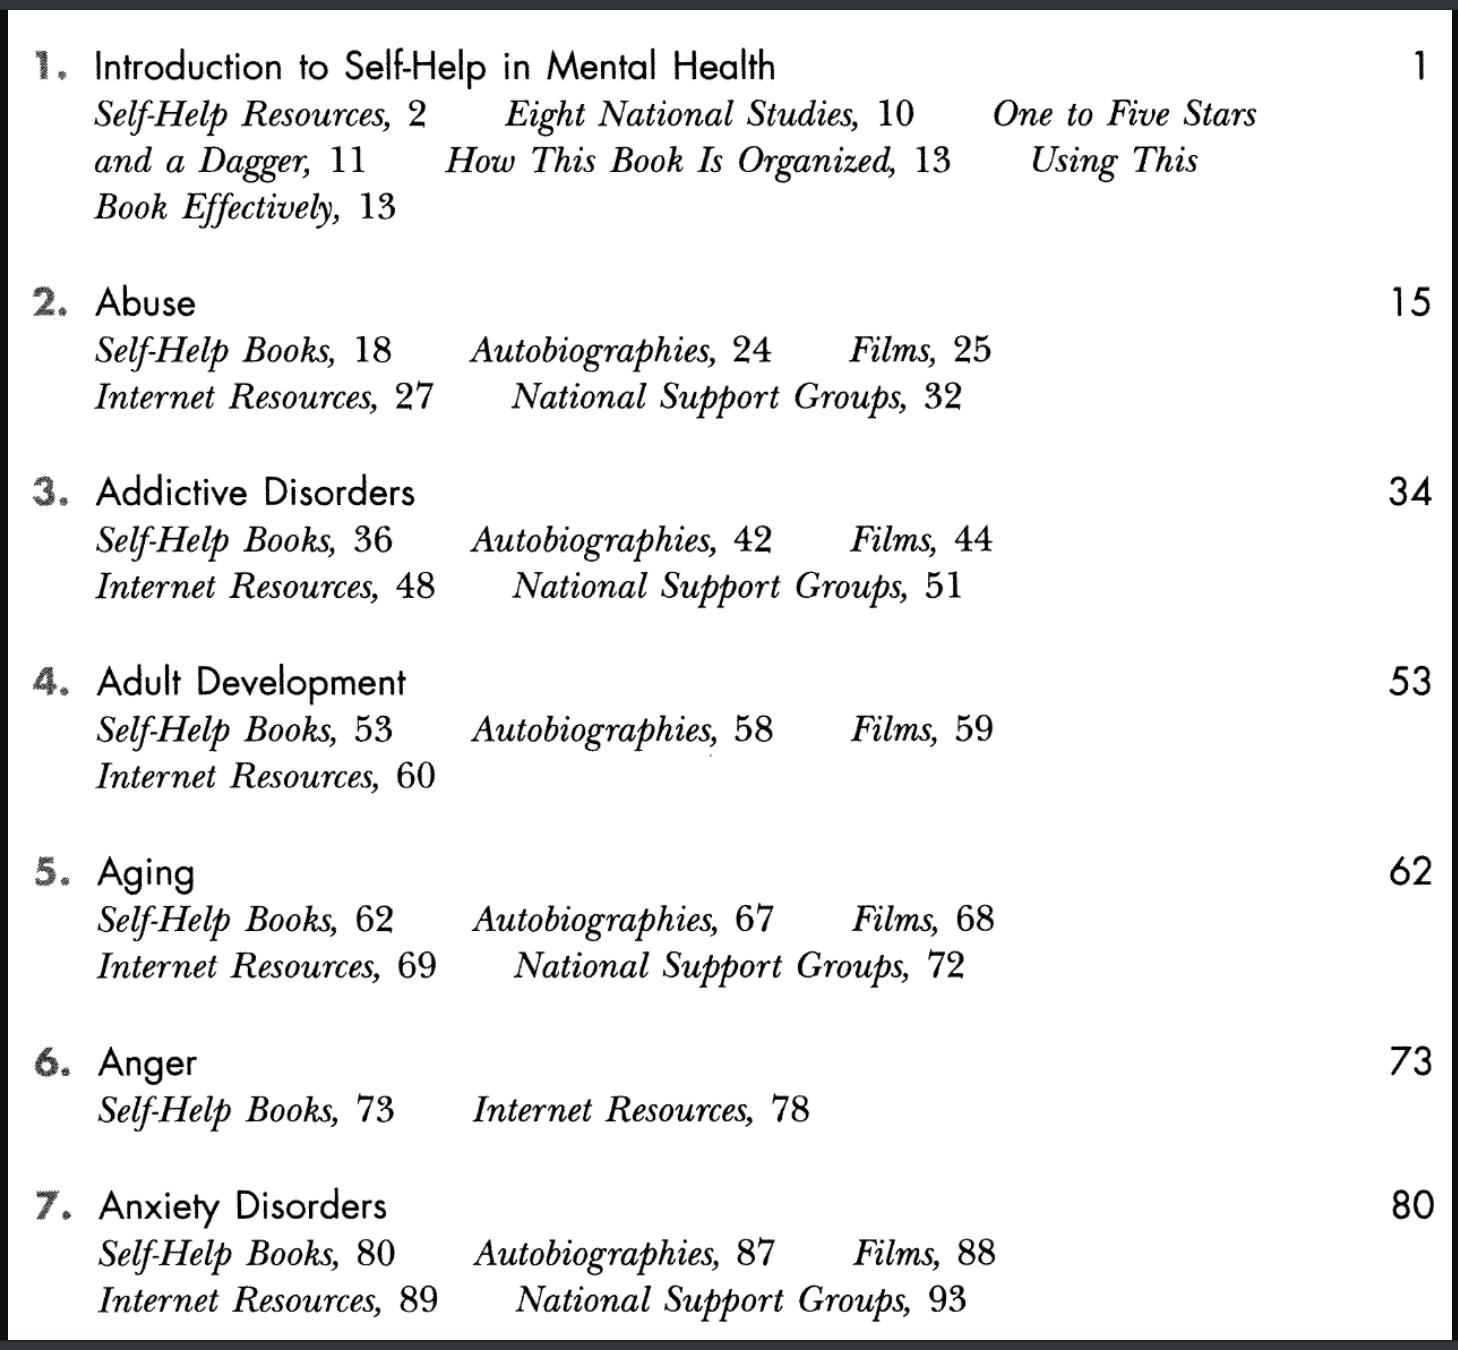 Книги по психологической самопомощи: есть ли в них хоть какой-то смысл, и, если да, какие выбрать? - 15